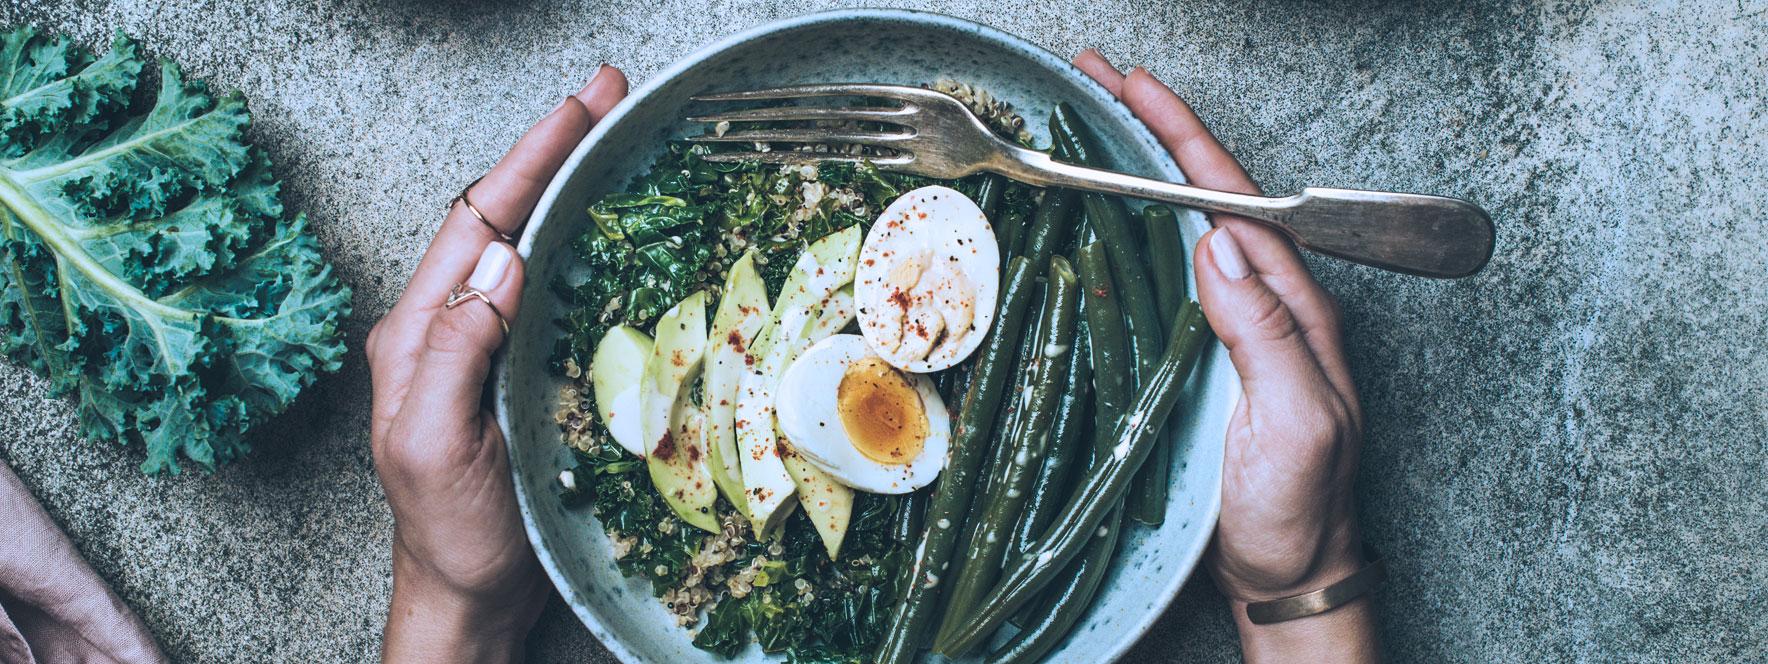 Repas santé pour être en forme au travail